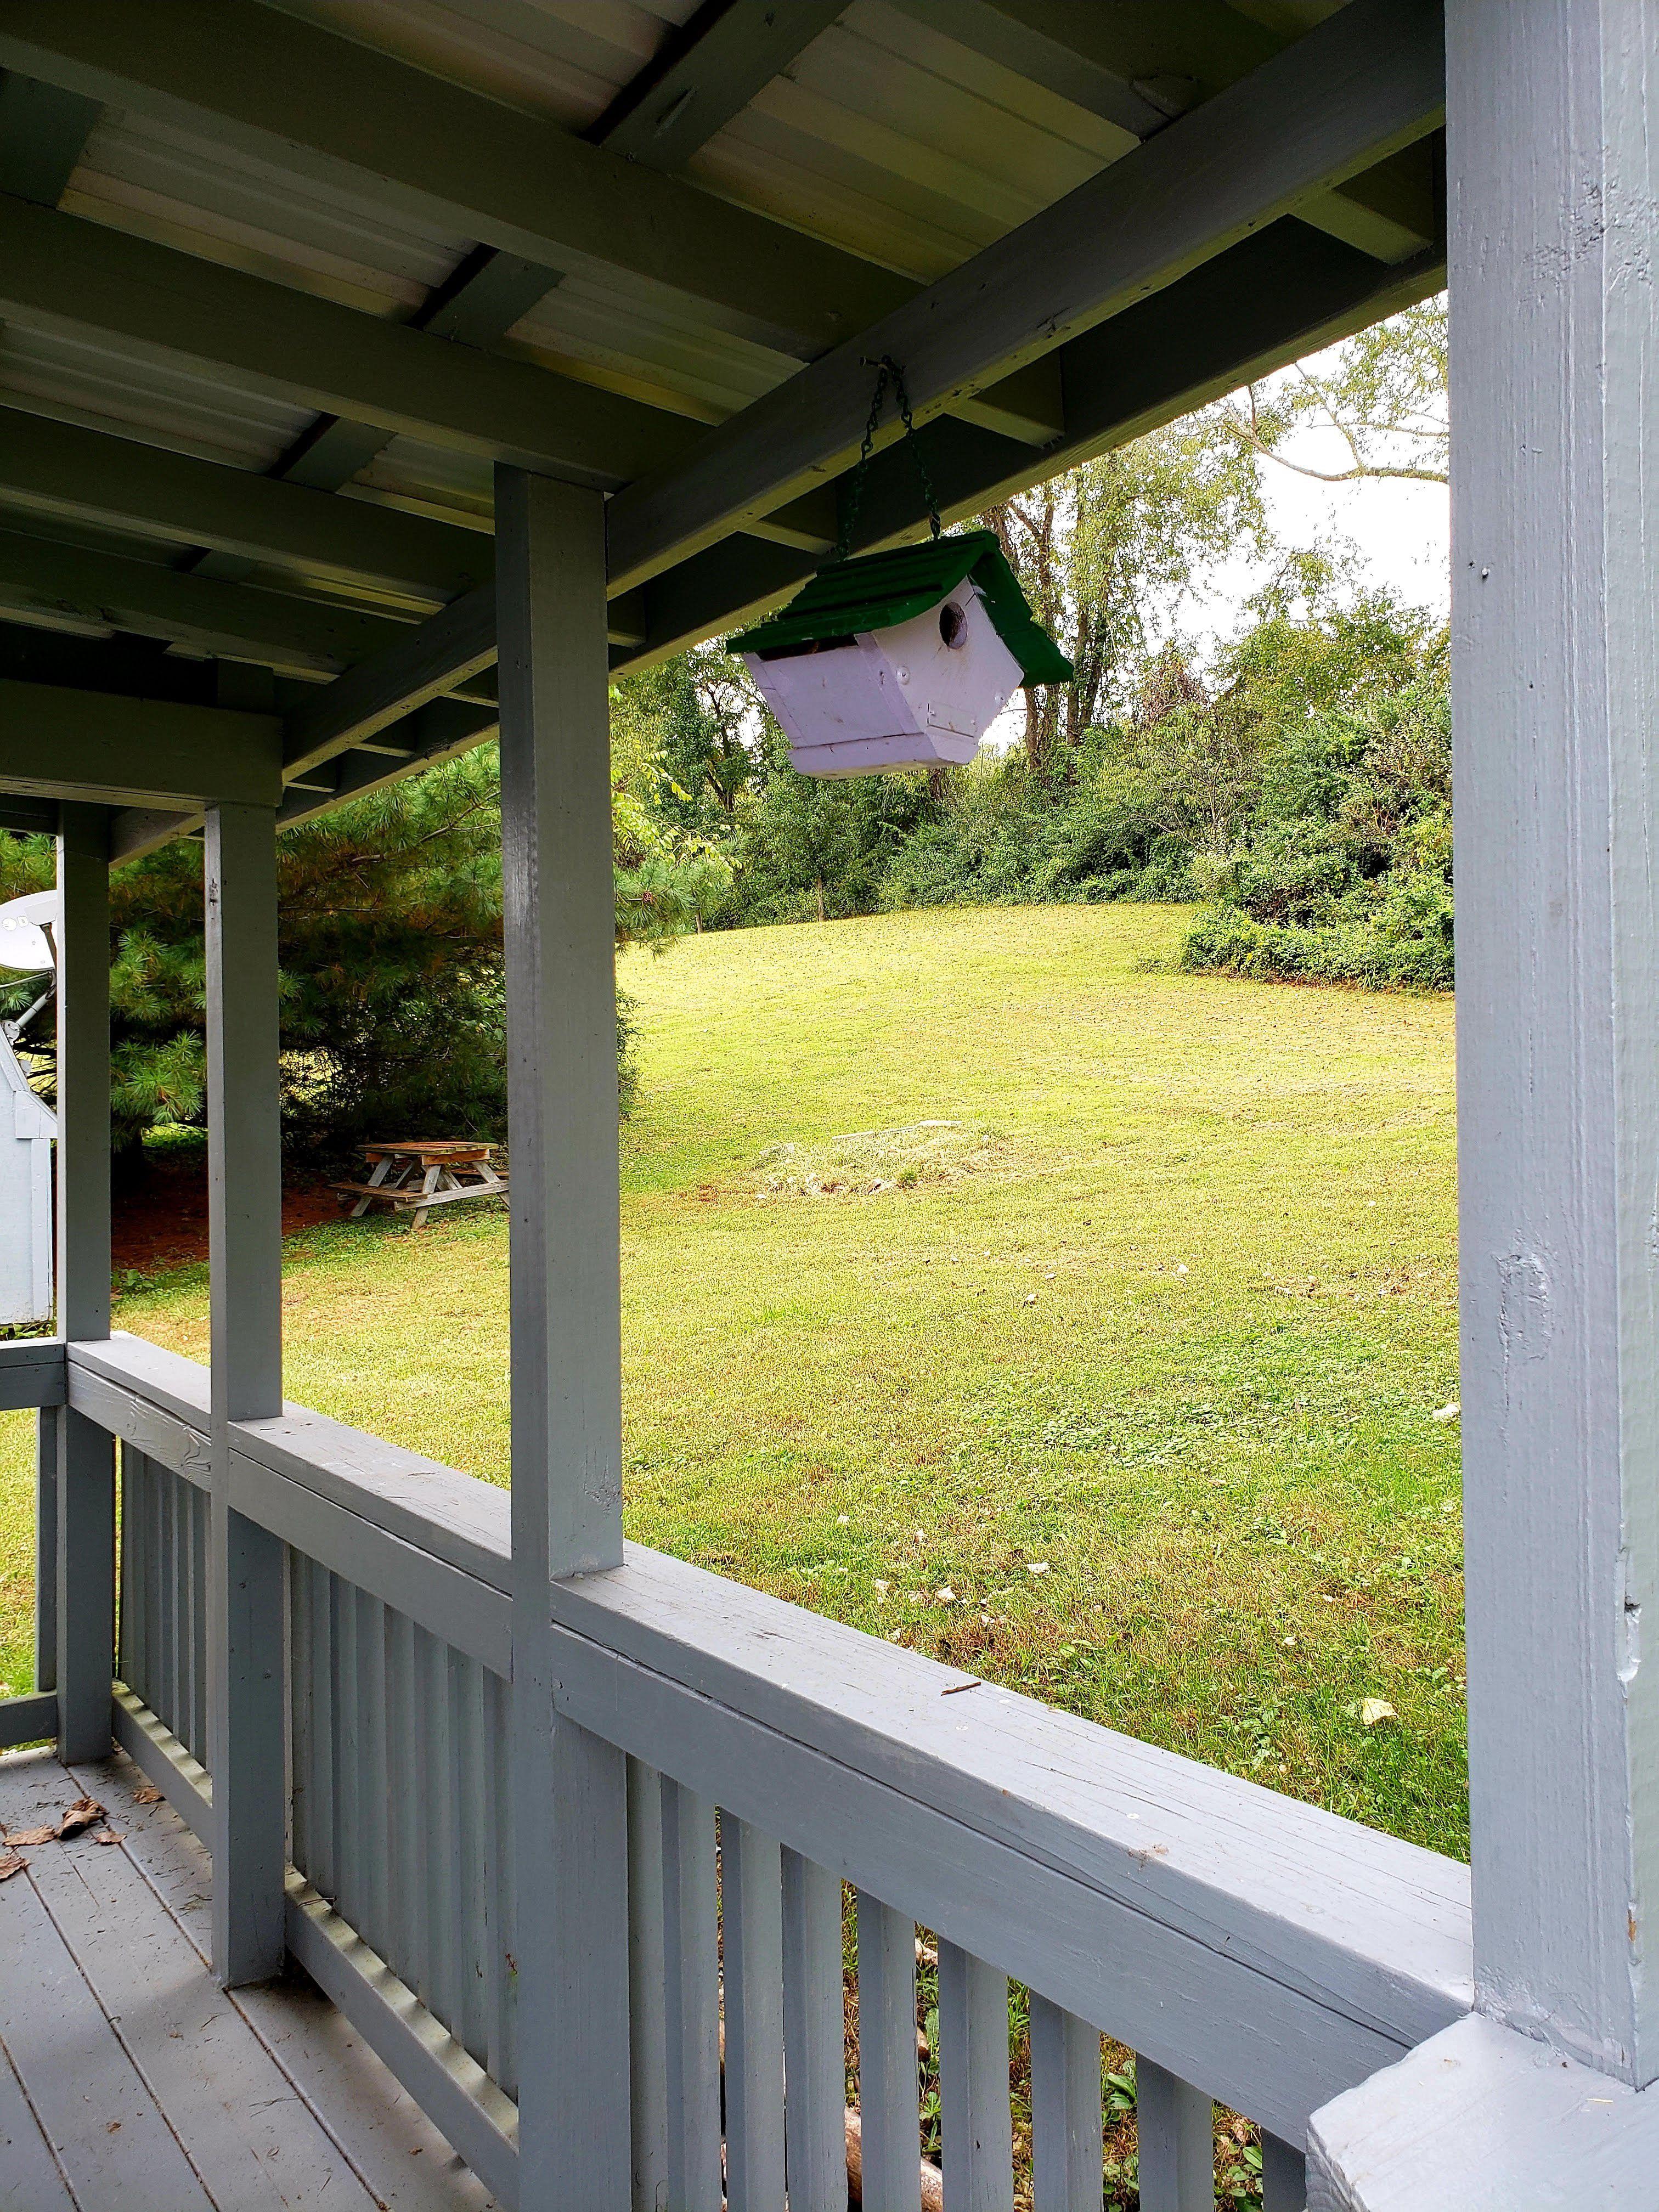 Immediate Occupancy - Clean - Nice Back Yard image 2